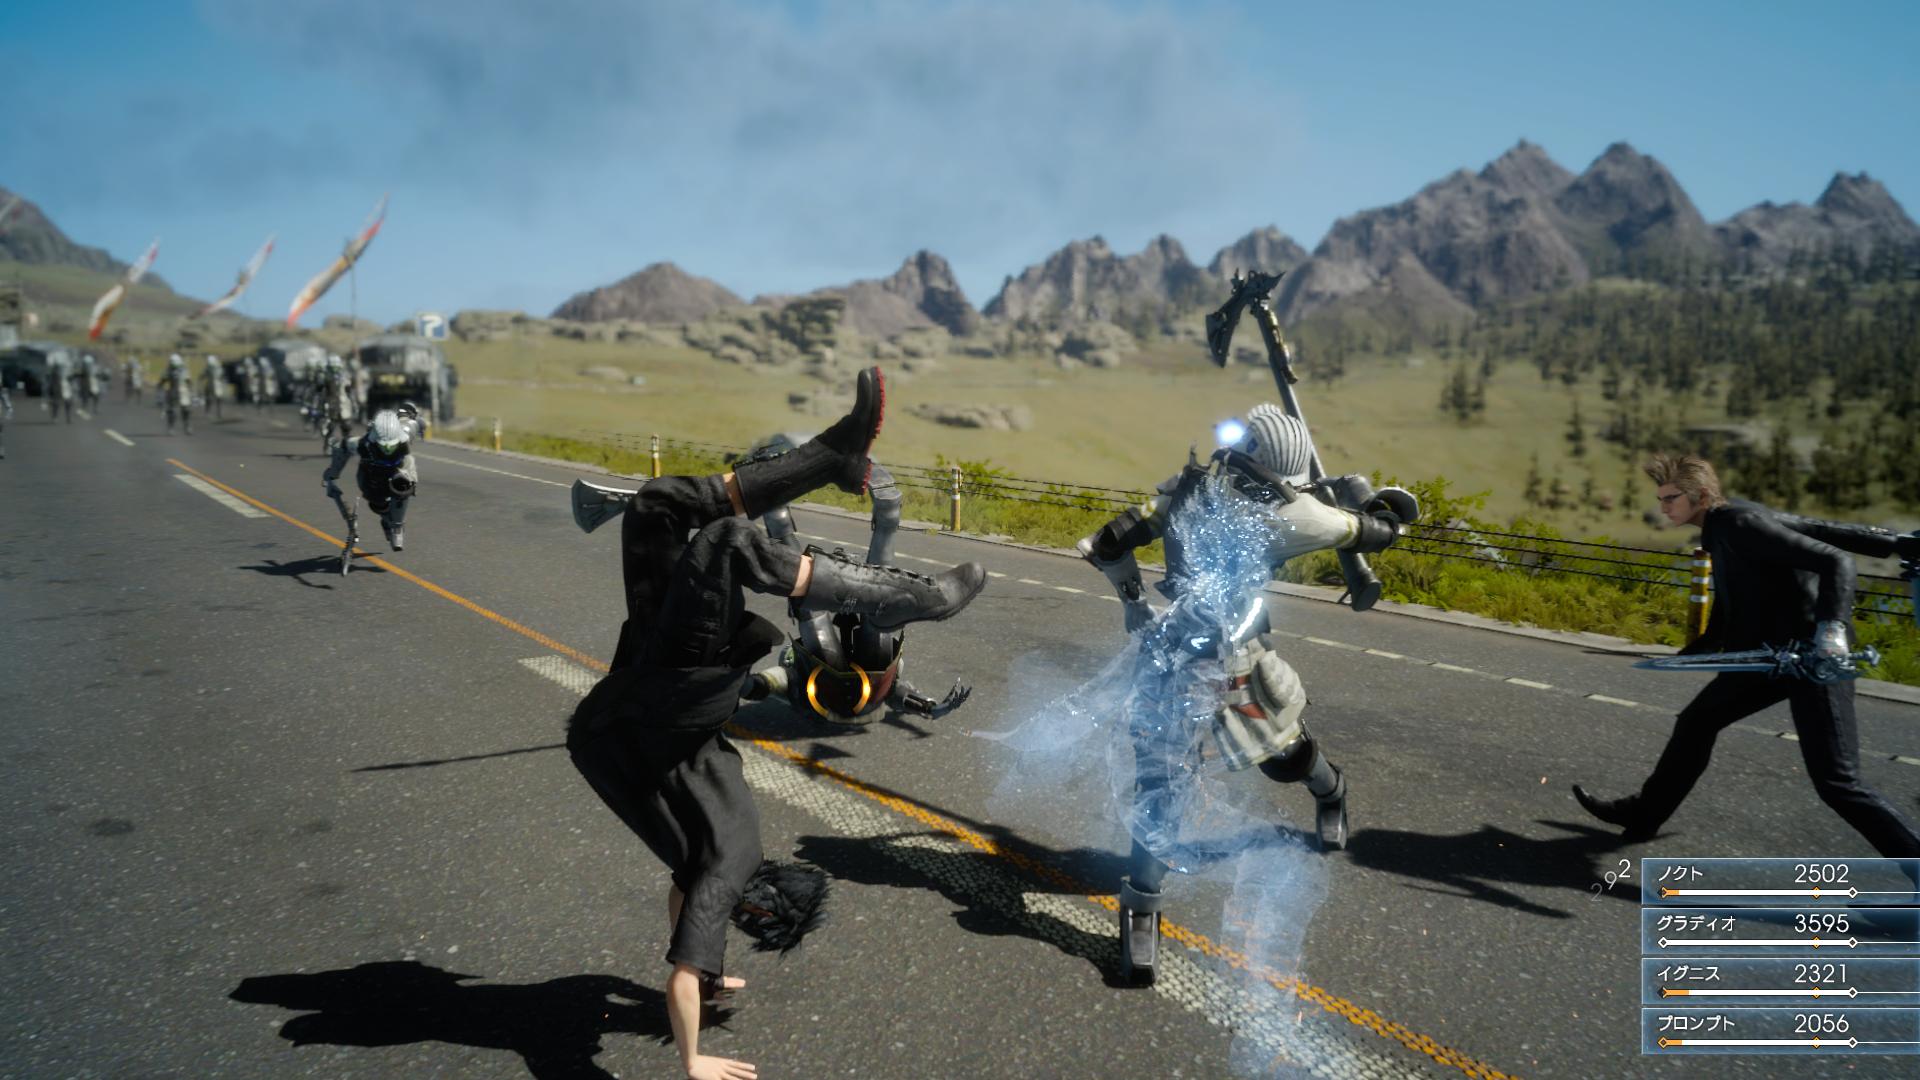 Tras muchos años de espera, han llegado a Final Fantasy los combates en tiempo real